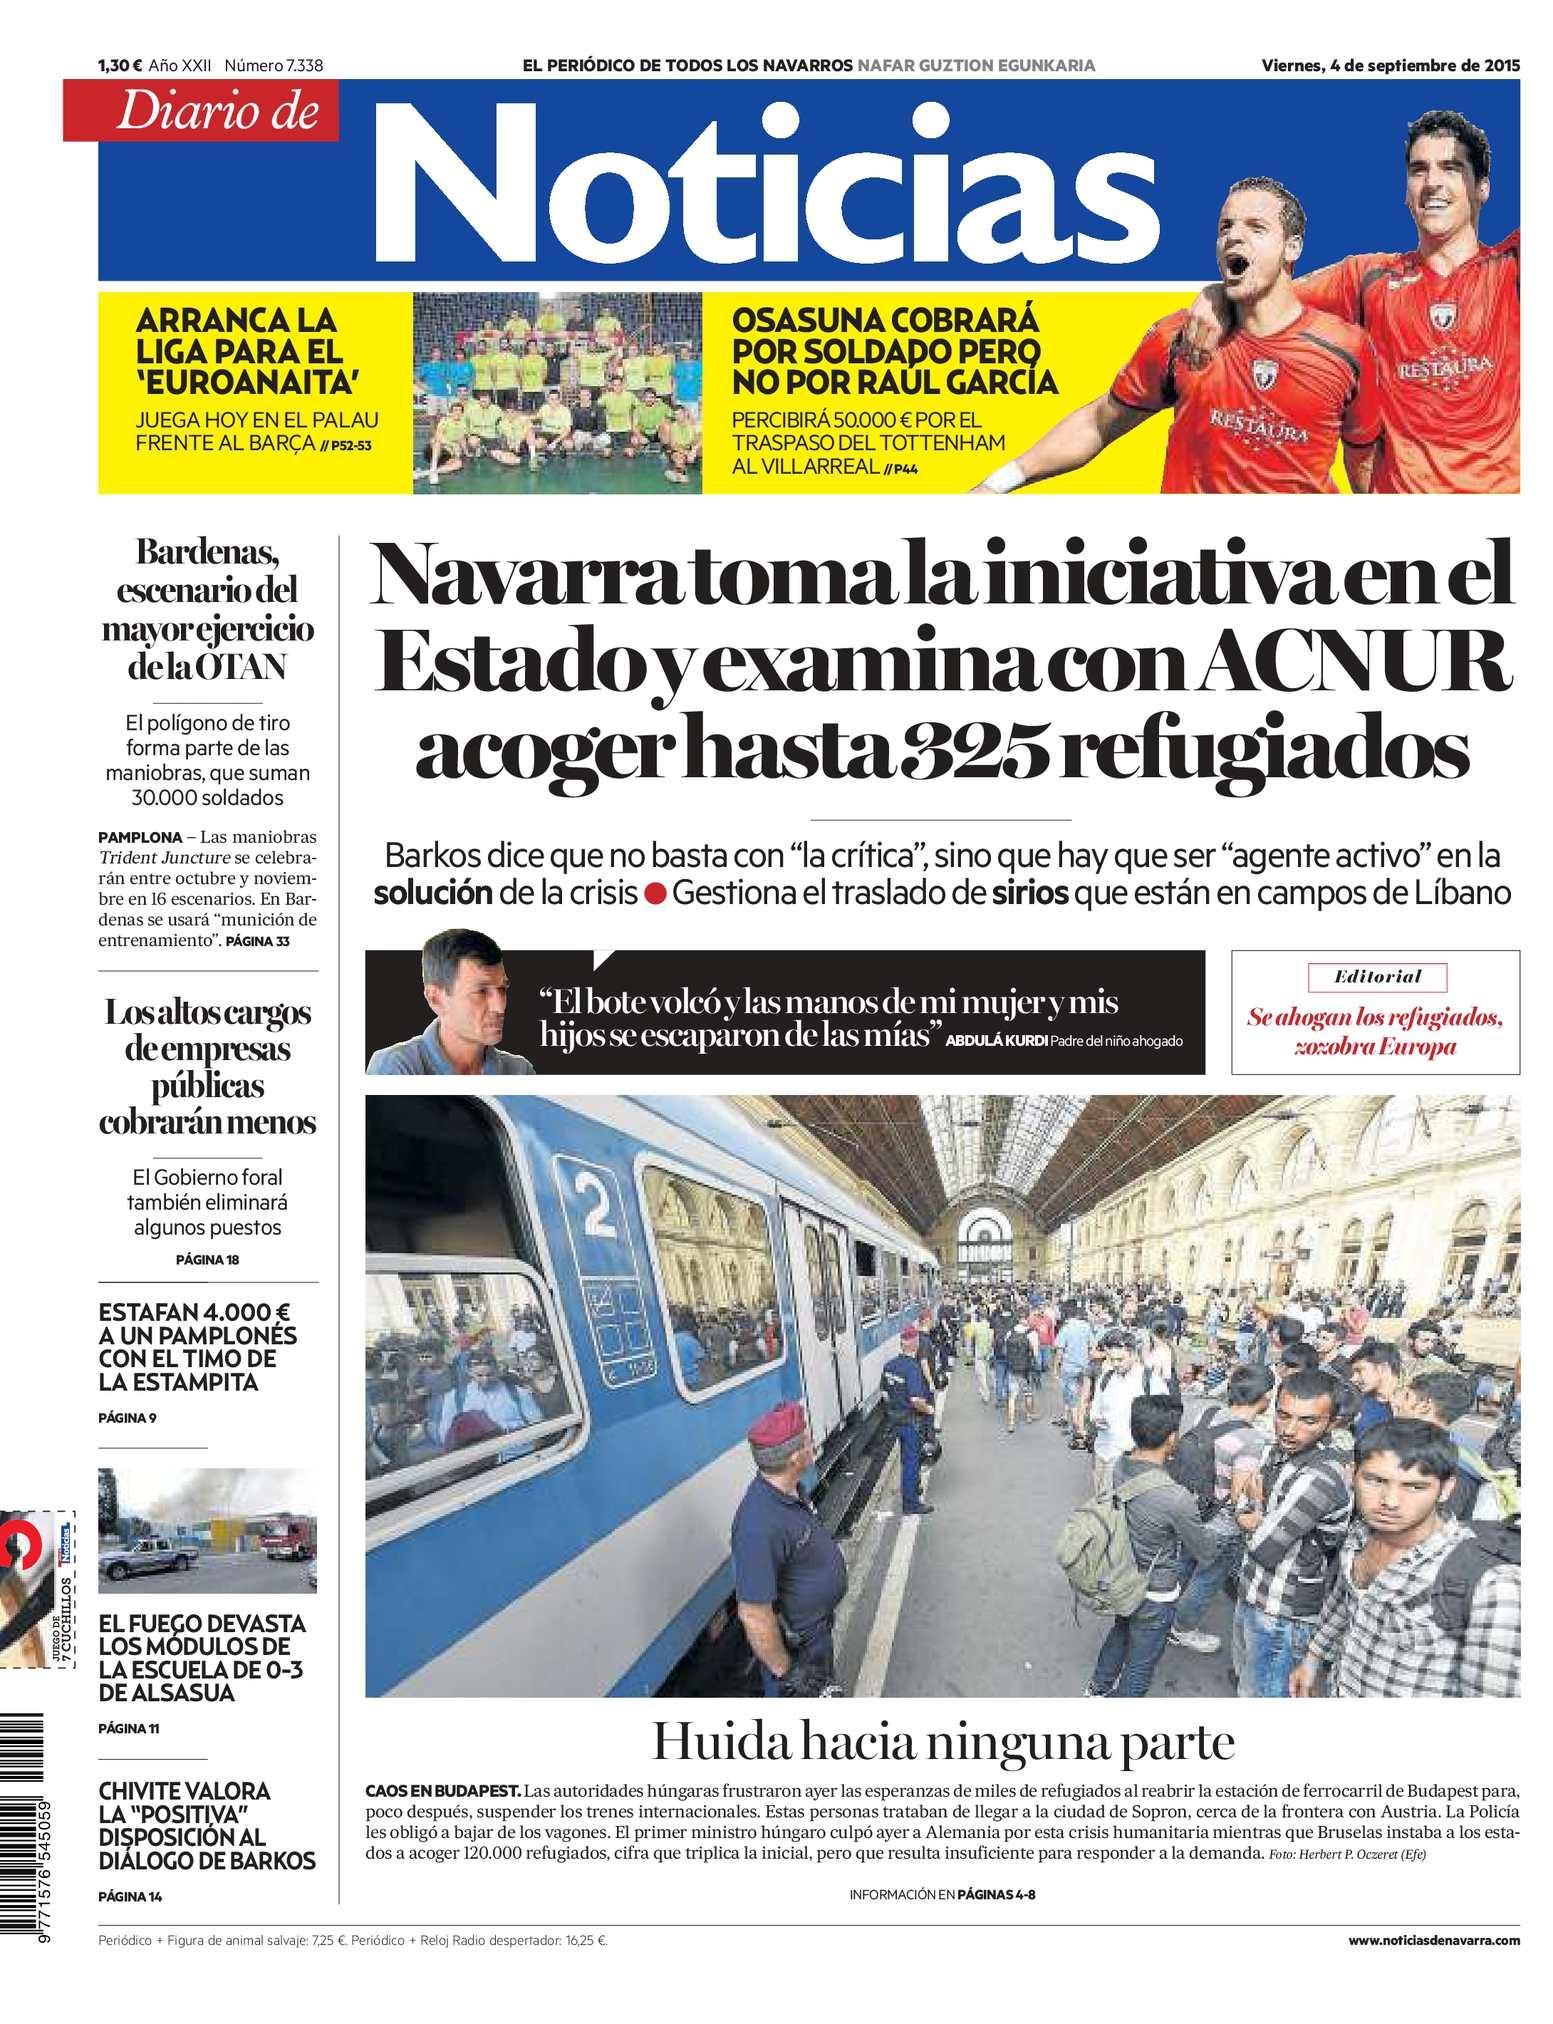 Calaméo - Diario de Noticias 20150904